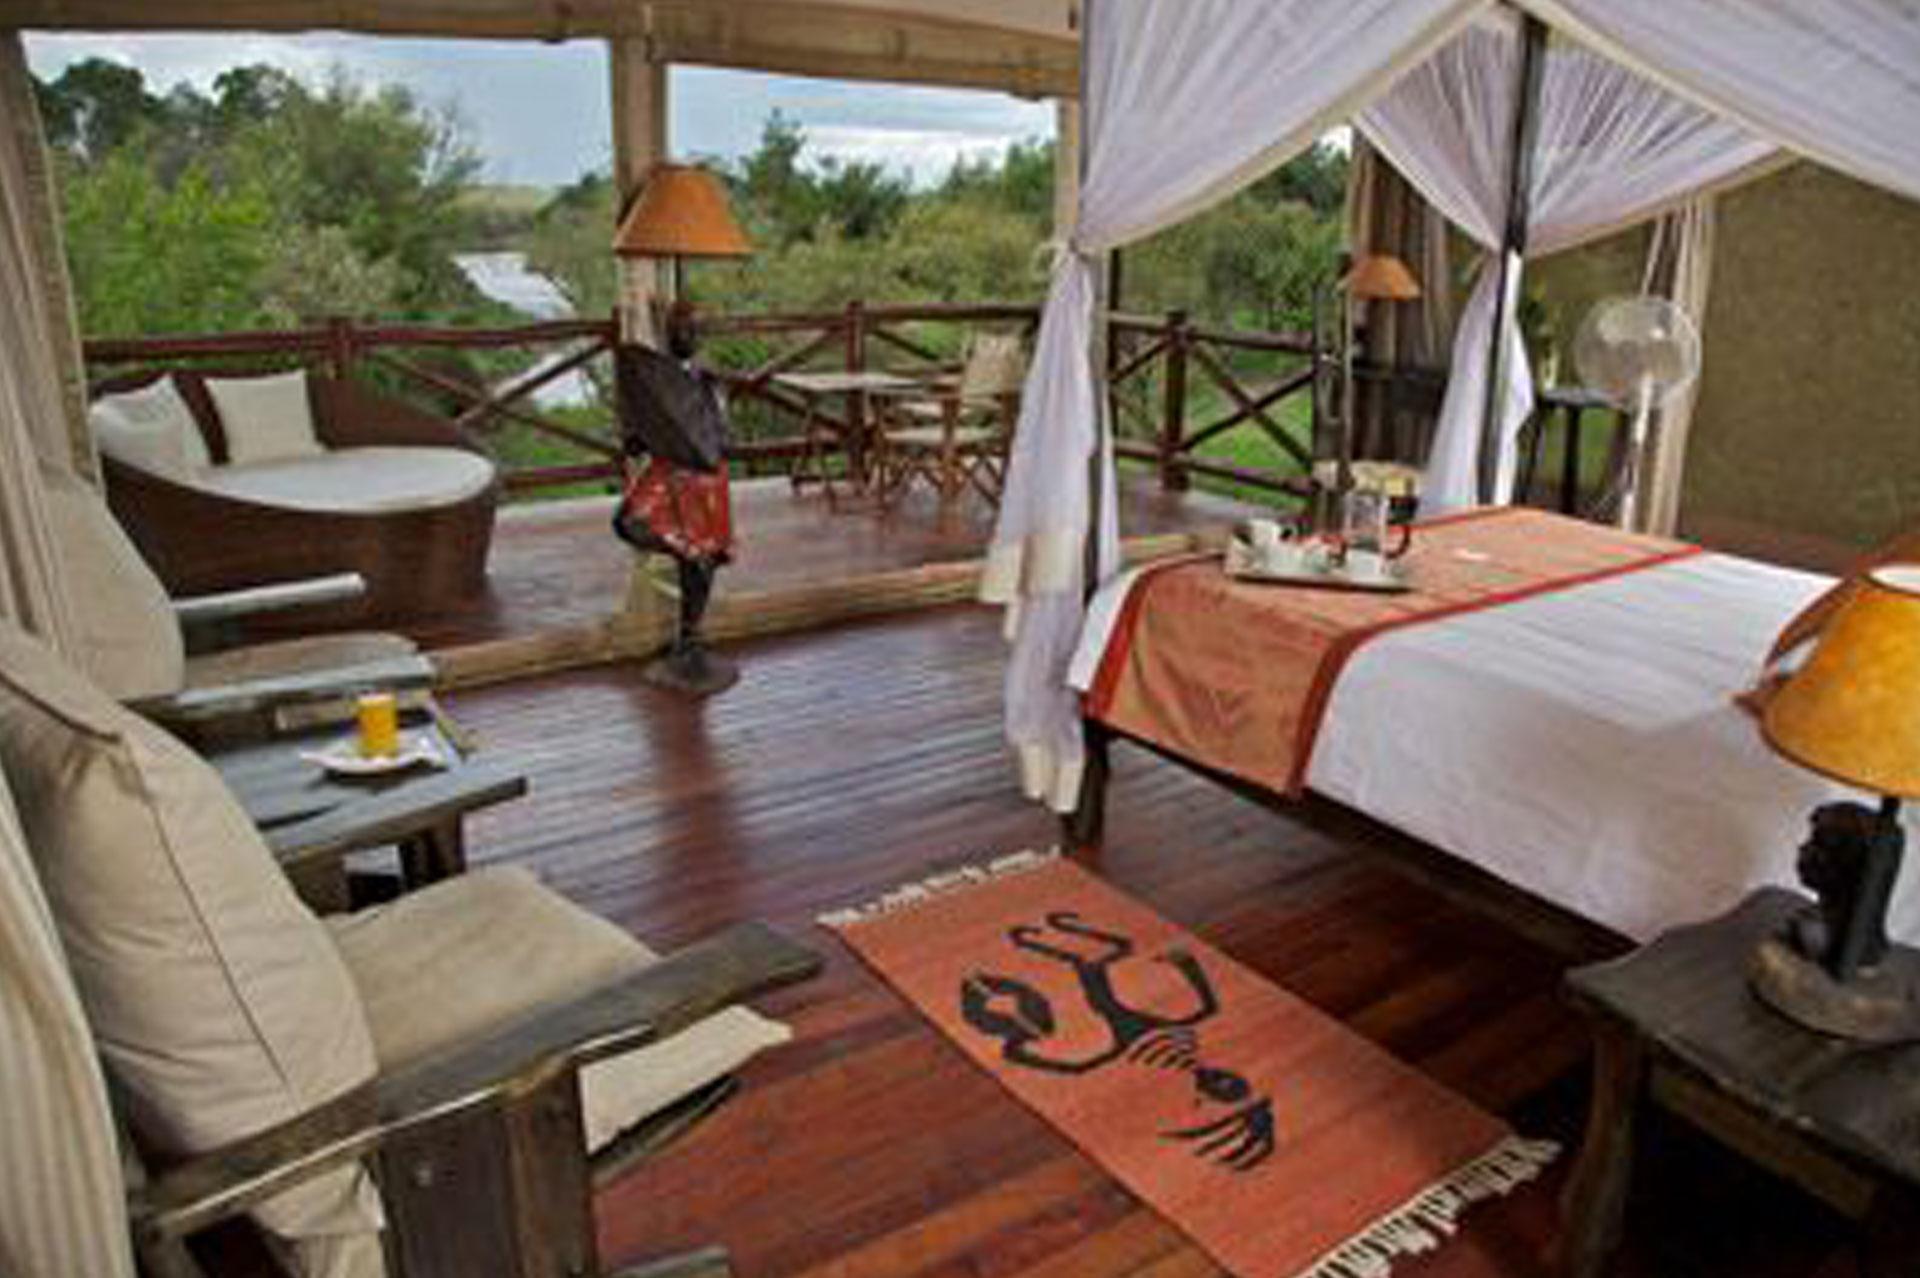 Diani_travel_center_tours_and_safaris_diani_tours_and_safaris_2_days_masai_mara_by_air_-jpg